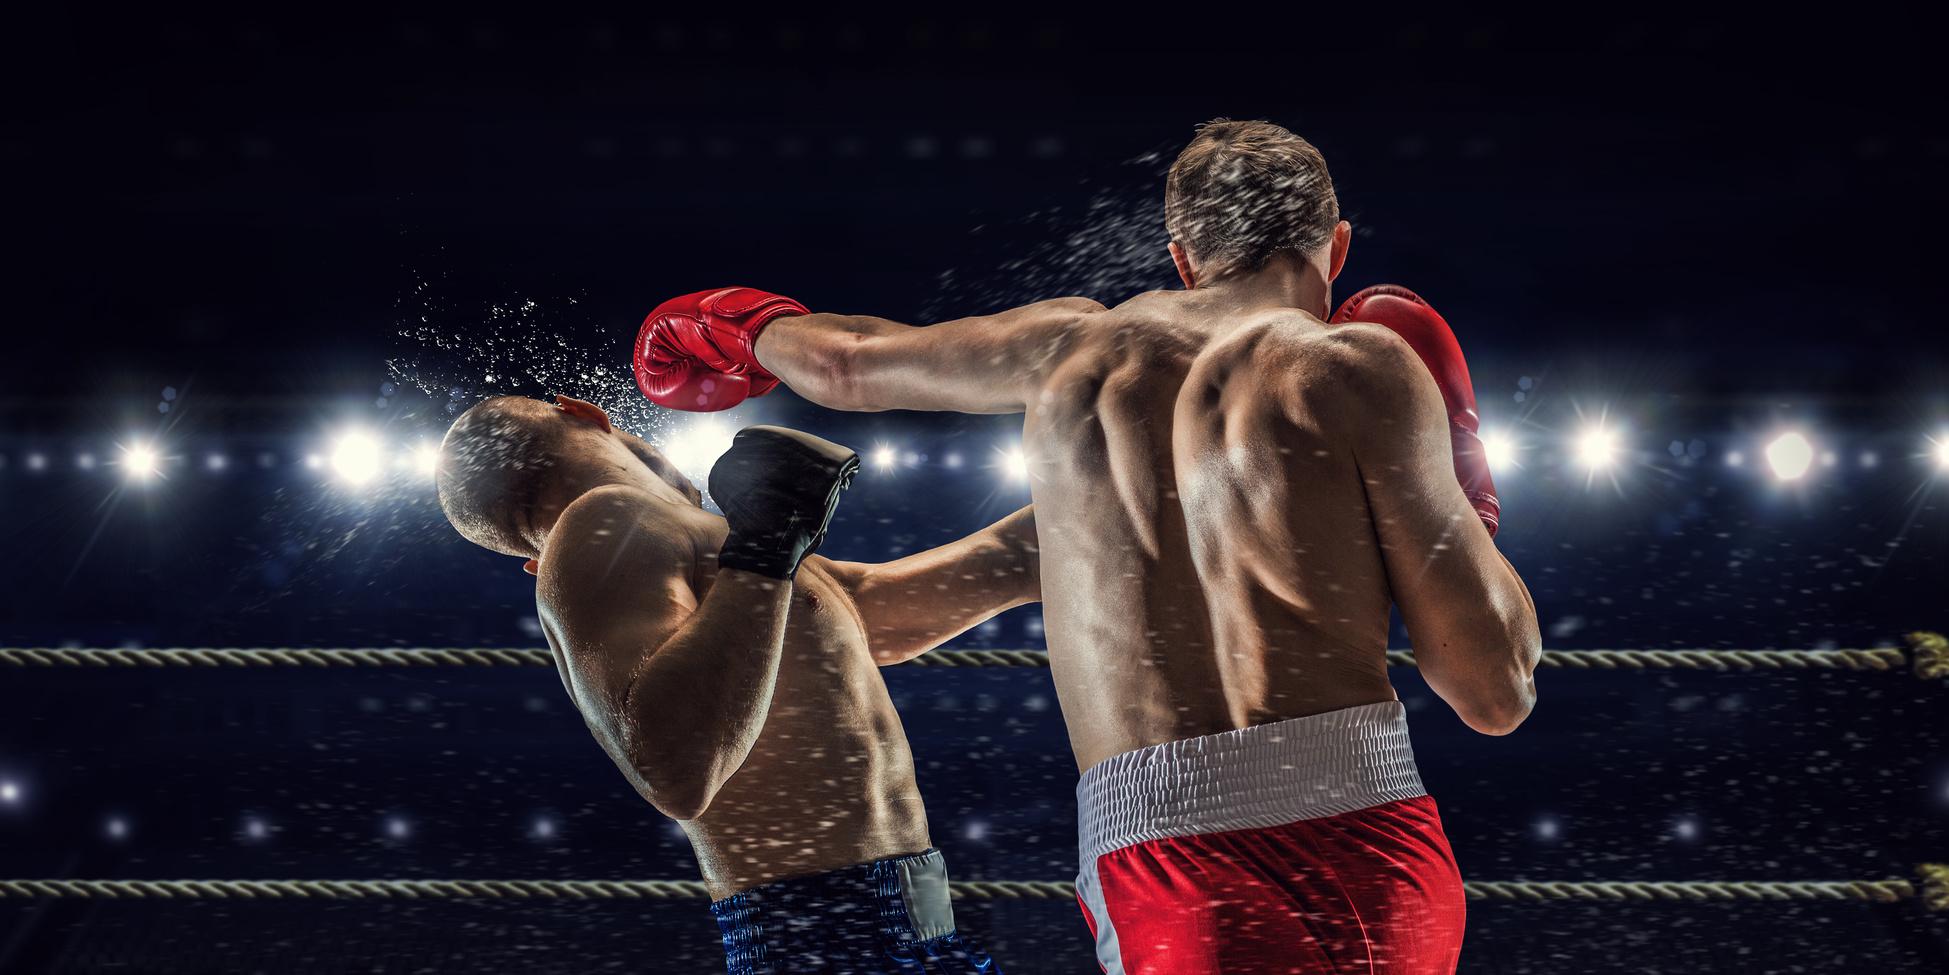 Zwei Boxer im Ring. Ringsum Scheinwerferlicht. Der Boxer im Vordergrund setzt eine linke Gerade gegen den Kopf seines Gegners.